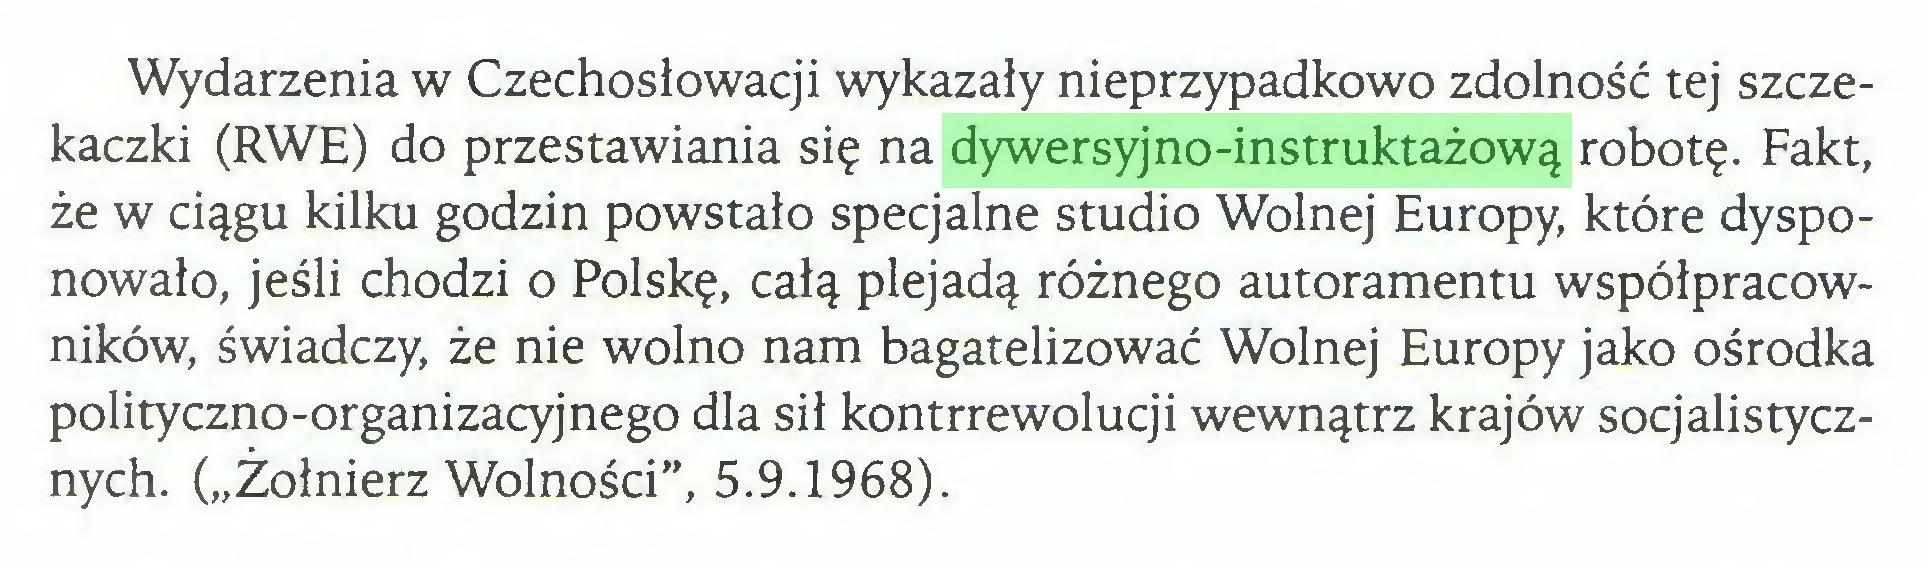 """(...) Wydarzenia w Czechosłowacji wykazały nieprzypadkowo zdolność tej szczekaczki (RWE) do przestawiania się na dywersyjno-instruktażową robotę. Fakt, że w ciągu kilku godzin powstało specjalne studio Wolnej Europy, które dysponowało, jeśli chodzi o Polskę, całą plejadą różnego autoramentu współpracowników, świadczy, że nie wolno nam bagatelizować Wolnej Europy jako ośrodka polityczno-organizacyjnego dla sił kontrrewolucji wewnątrz krajów socjalistycznych. (""""Żołnierz Wolności"""", 5.9.1968)..."""